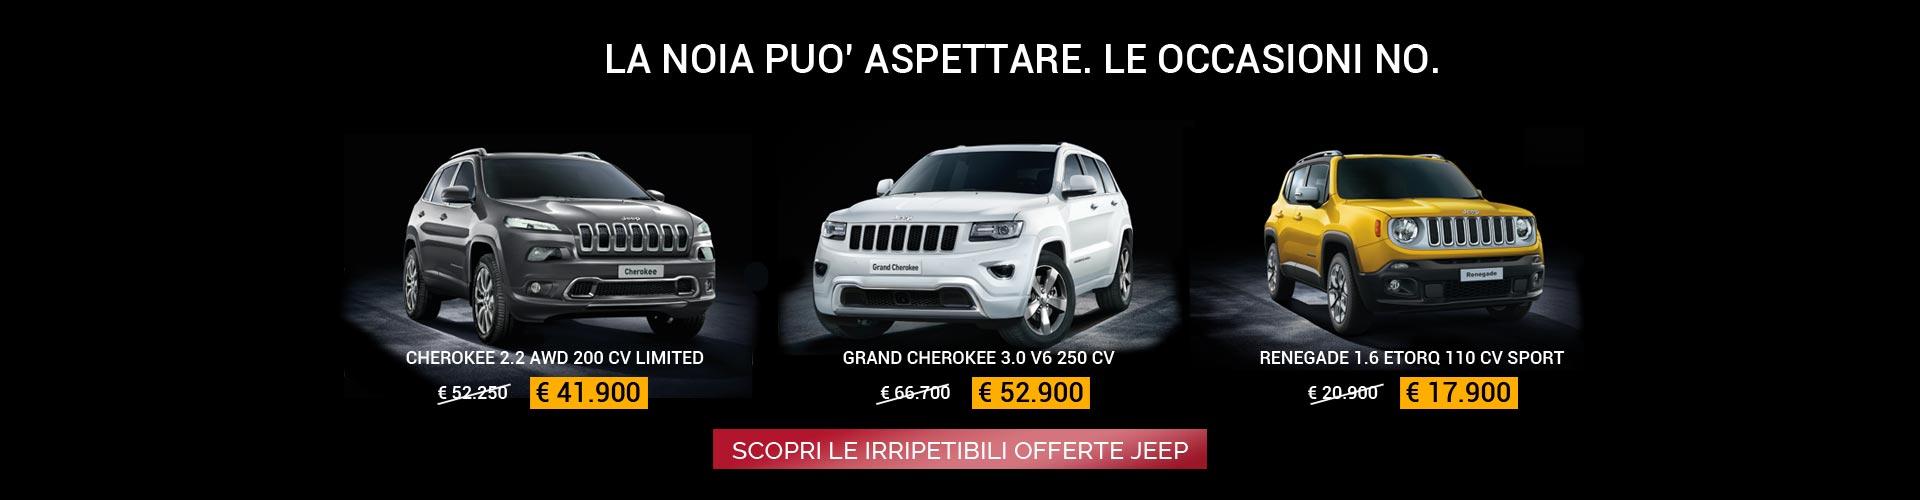 Offerte Jeep da Spazio